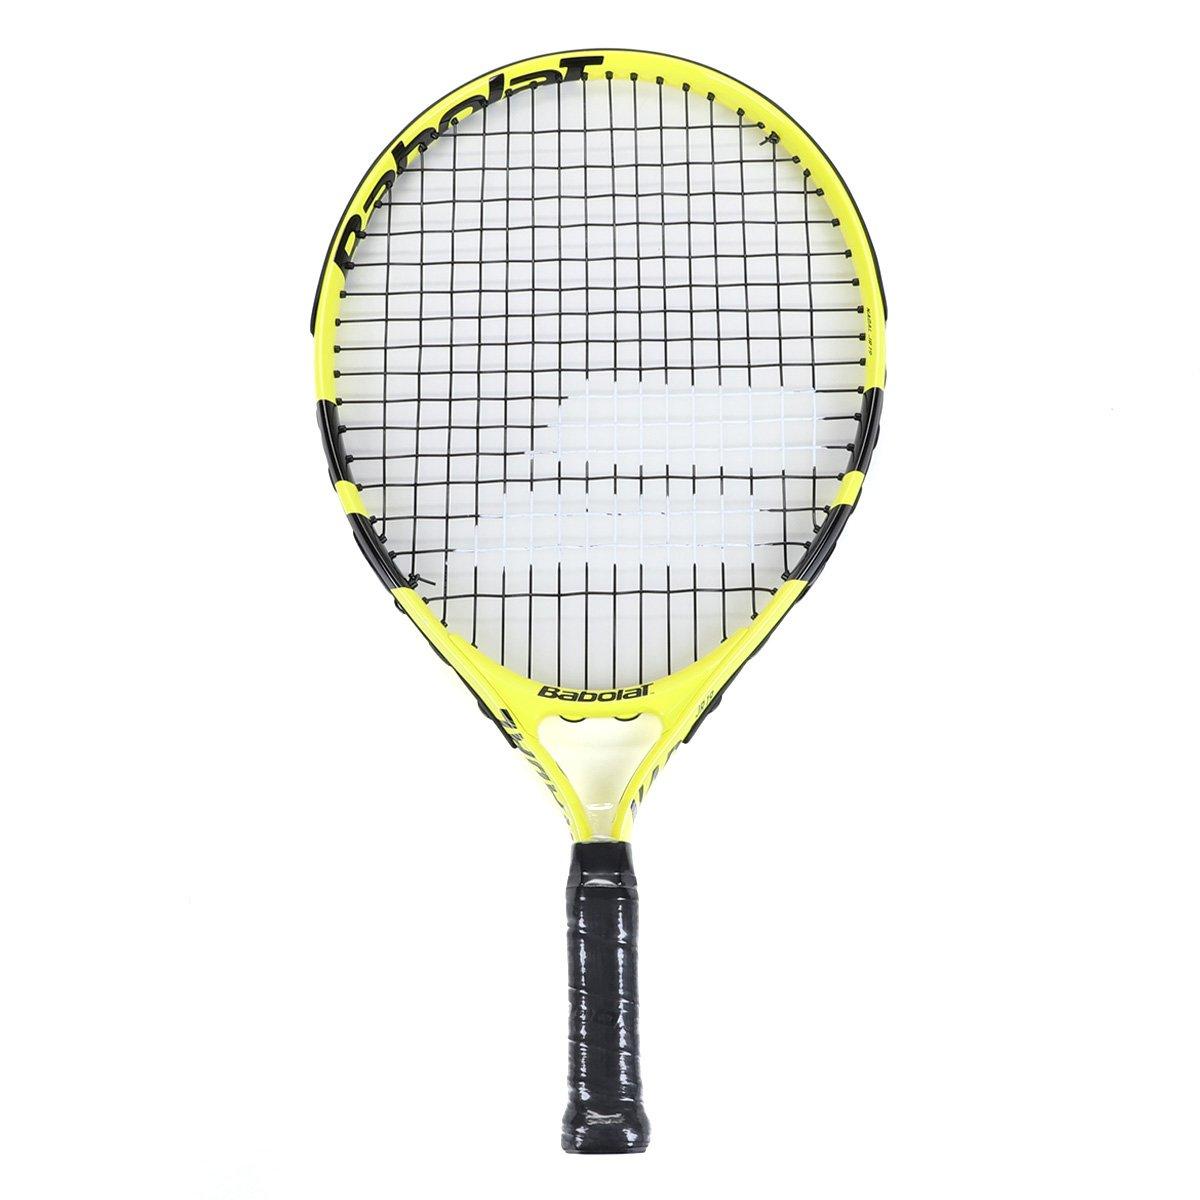 Raquete de Tênis Infantil Babolat Nadal Jr. 19